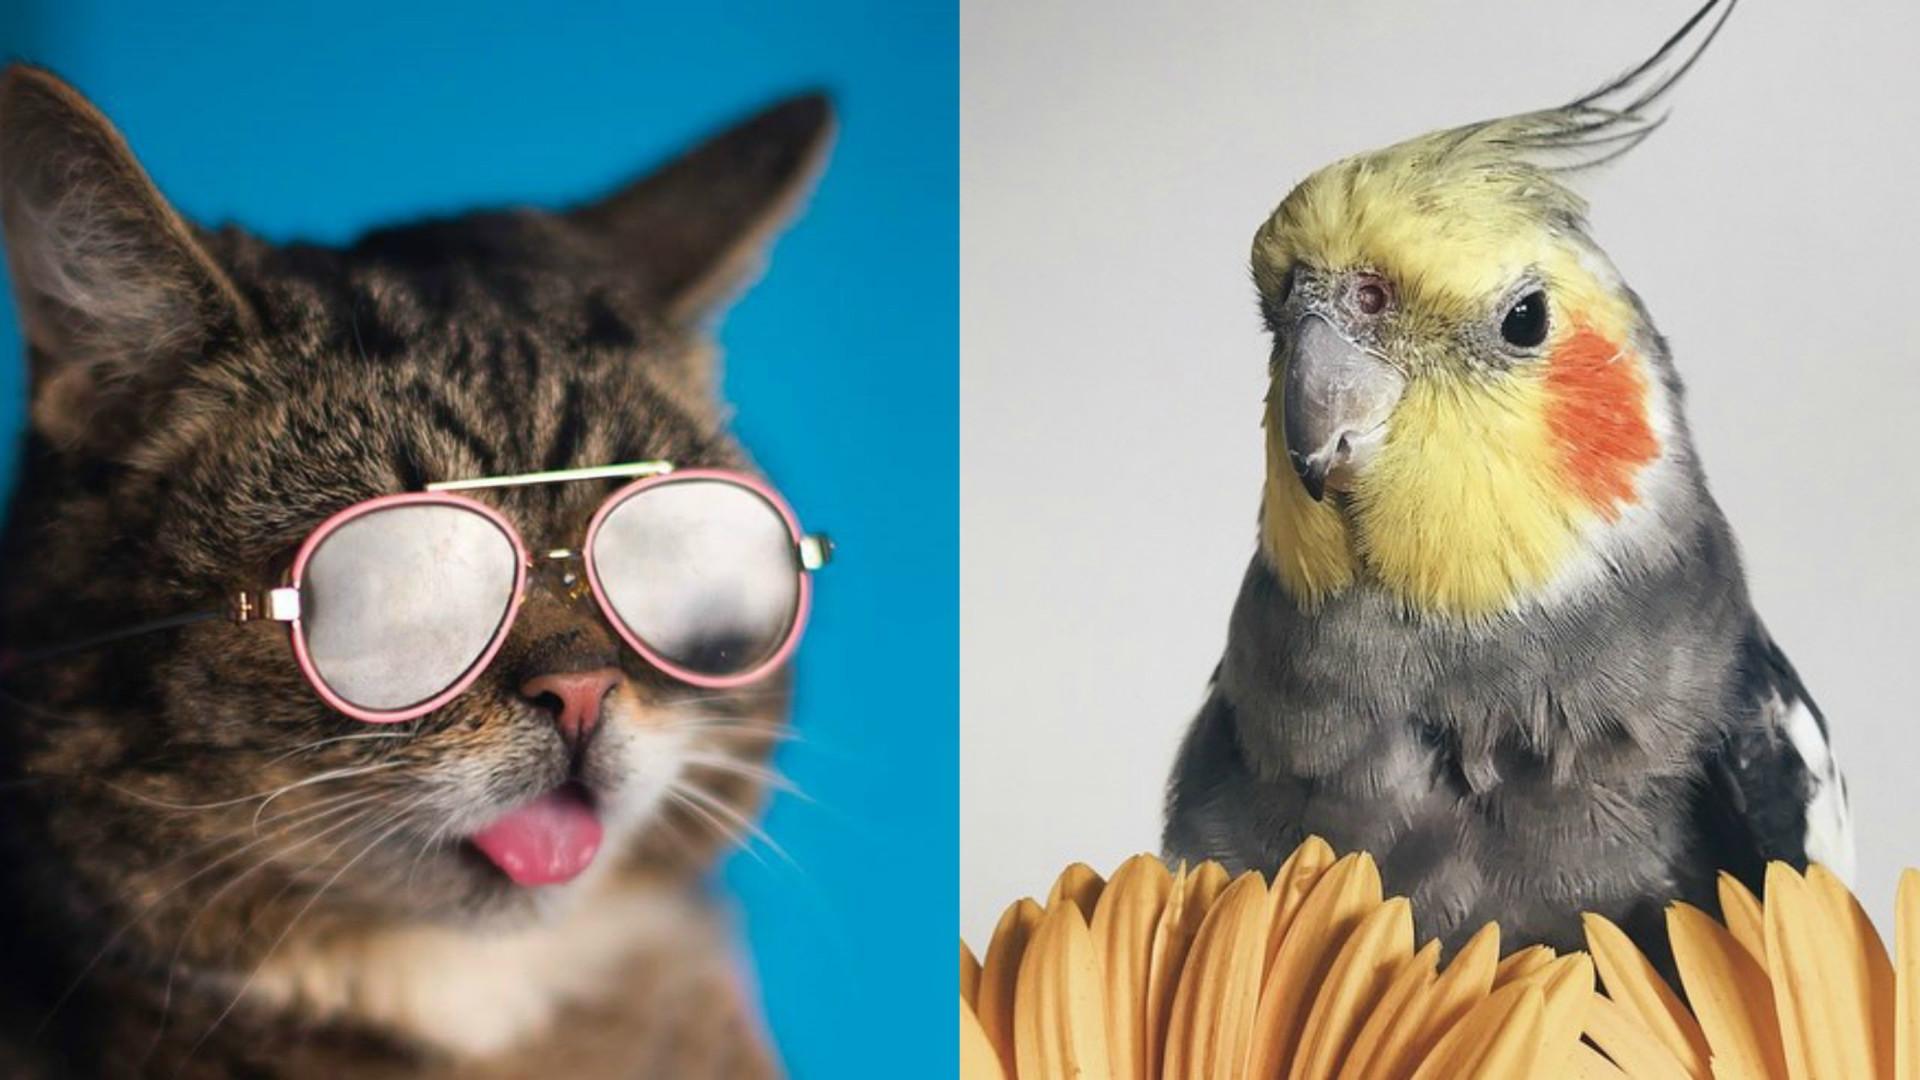 Estes animais são verdadeiros fenómenos de popularidade nas redes sociais